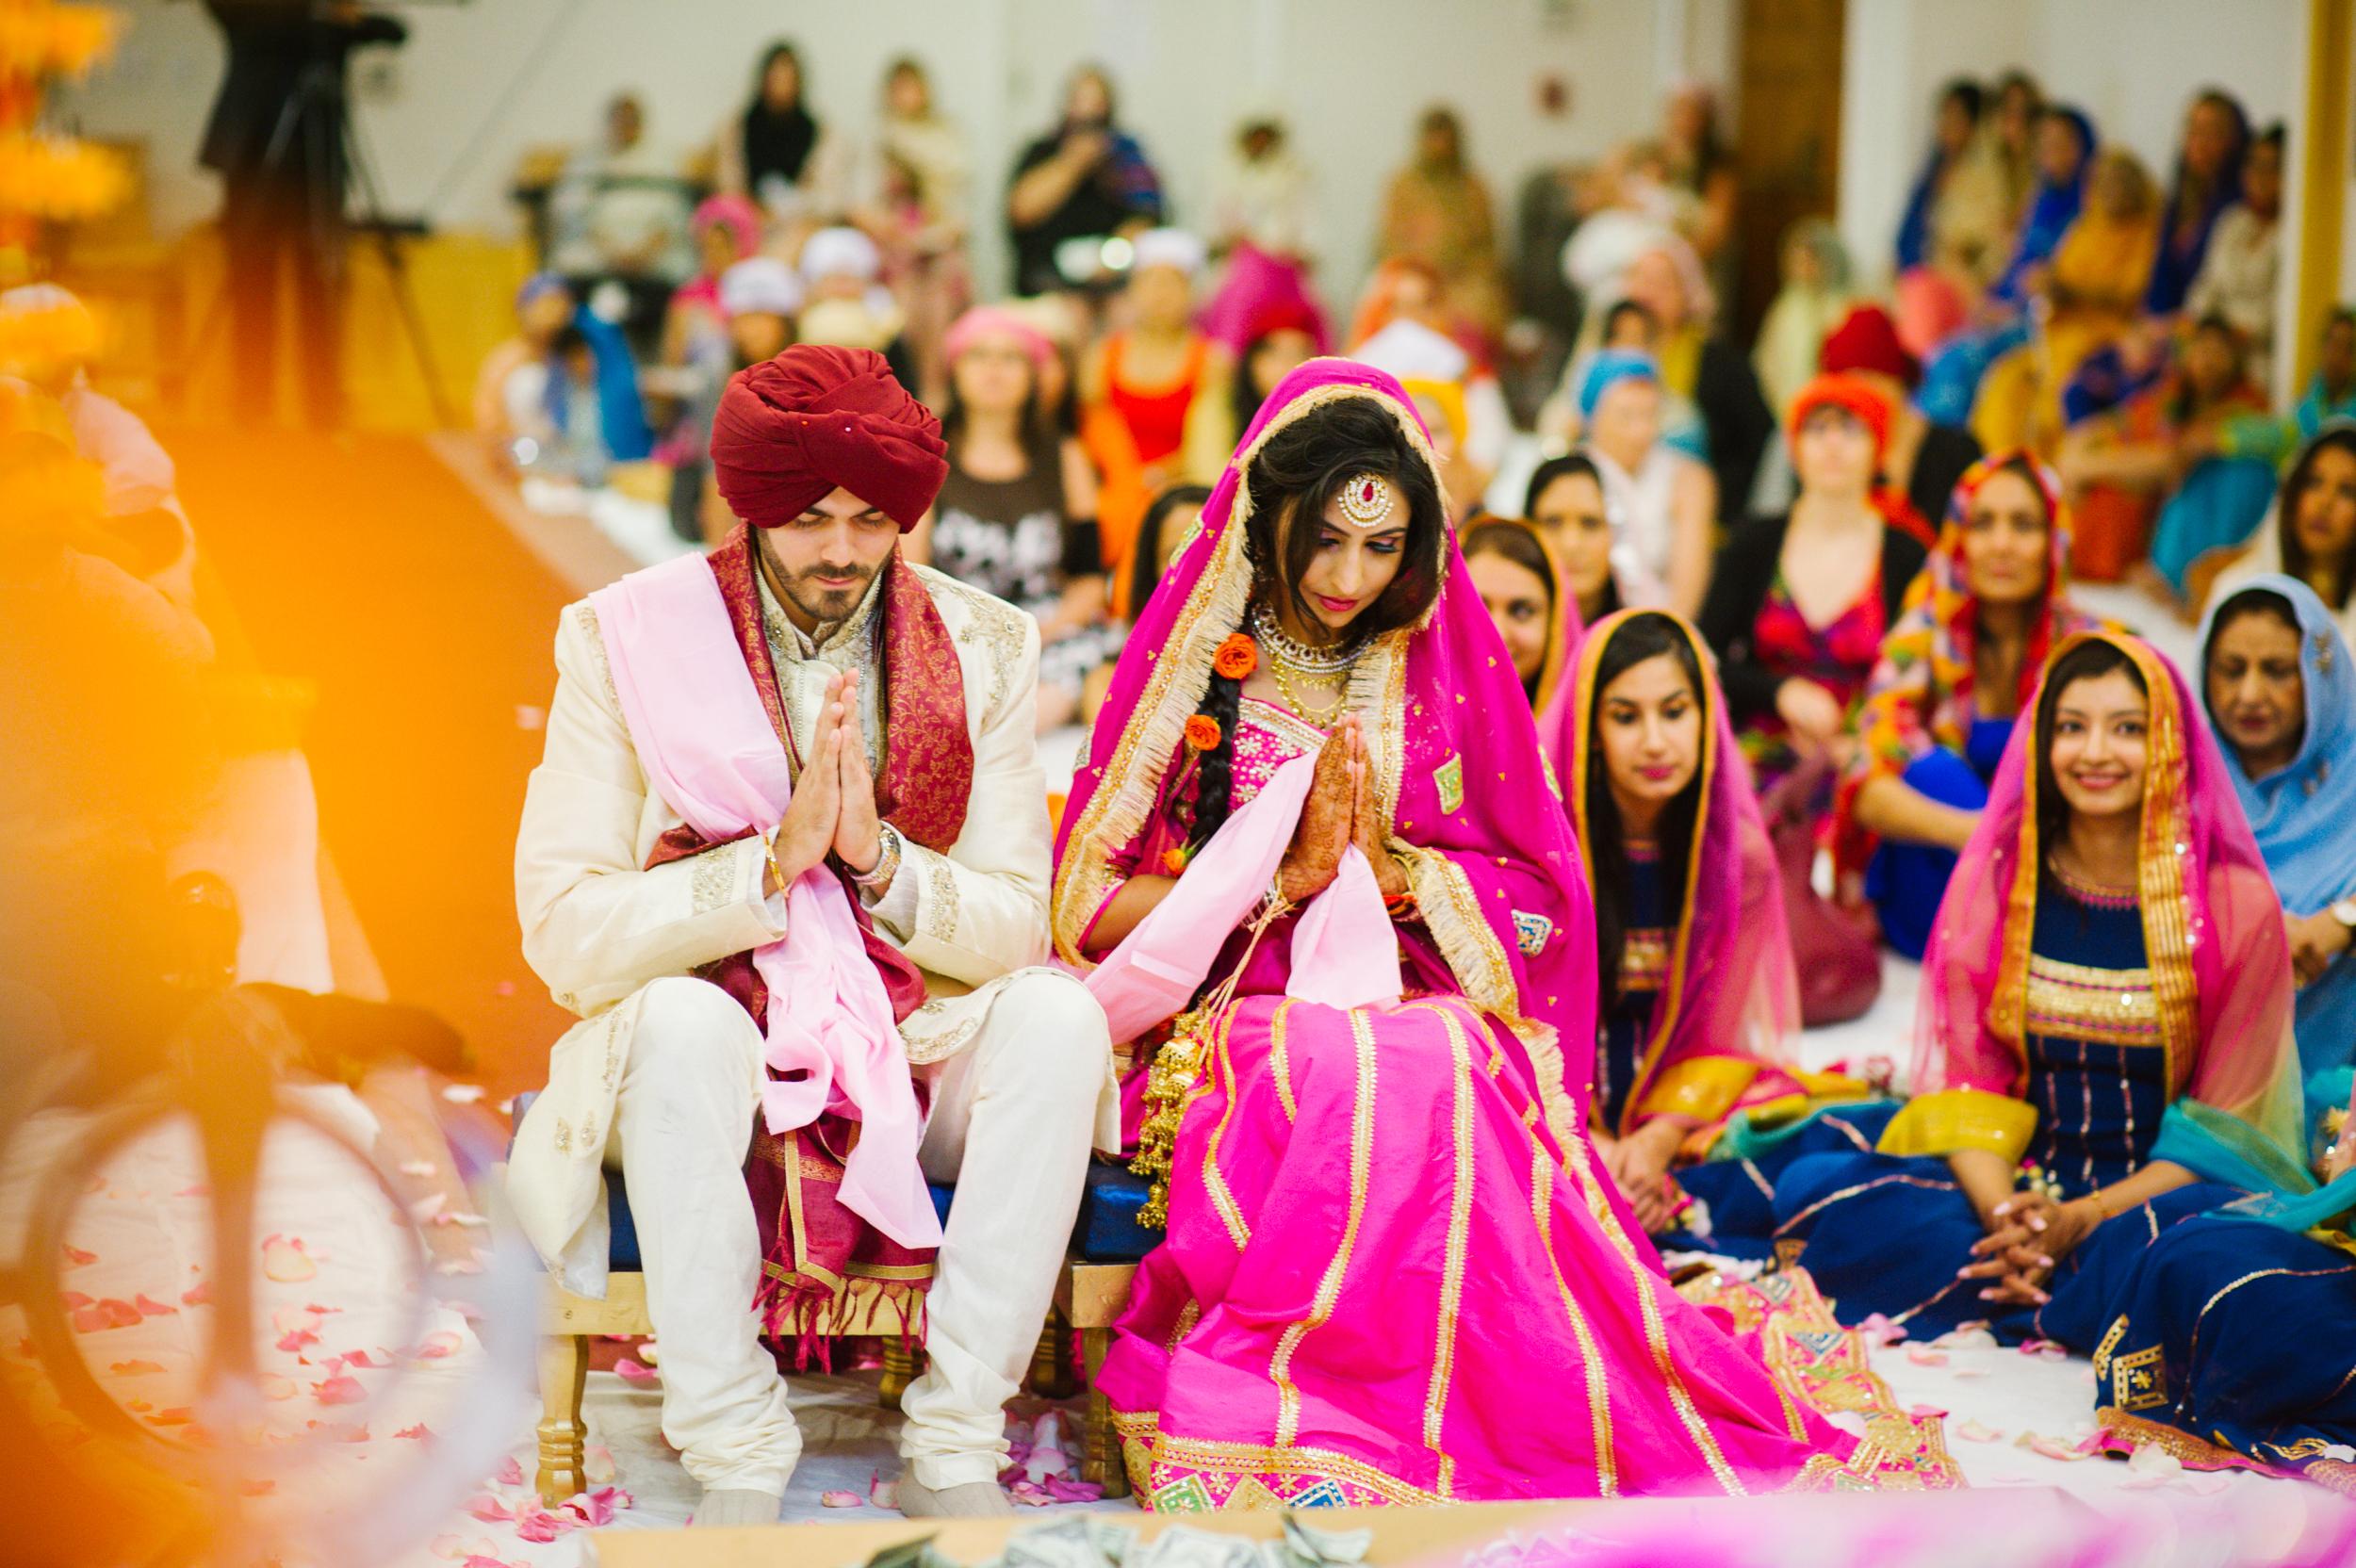 JKP_Indian_Weddings_0013.JPG